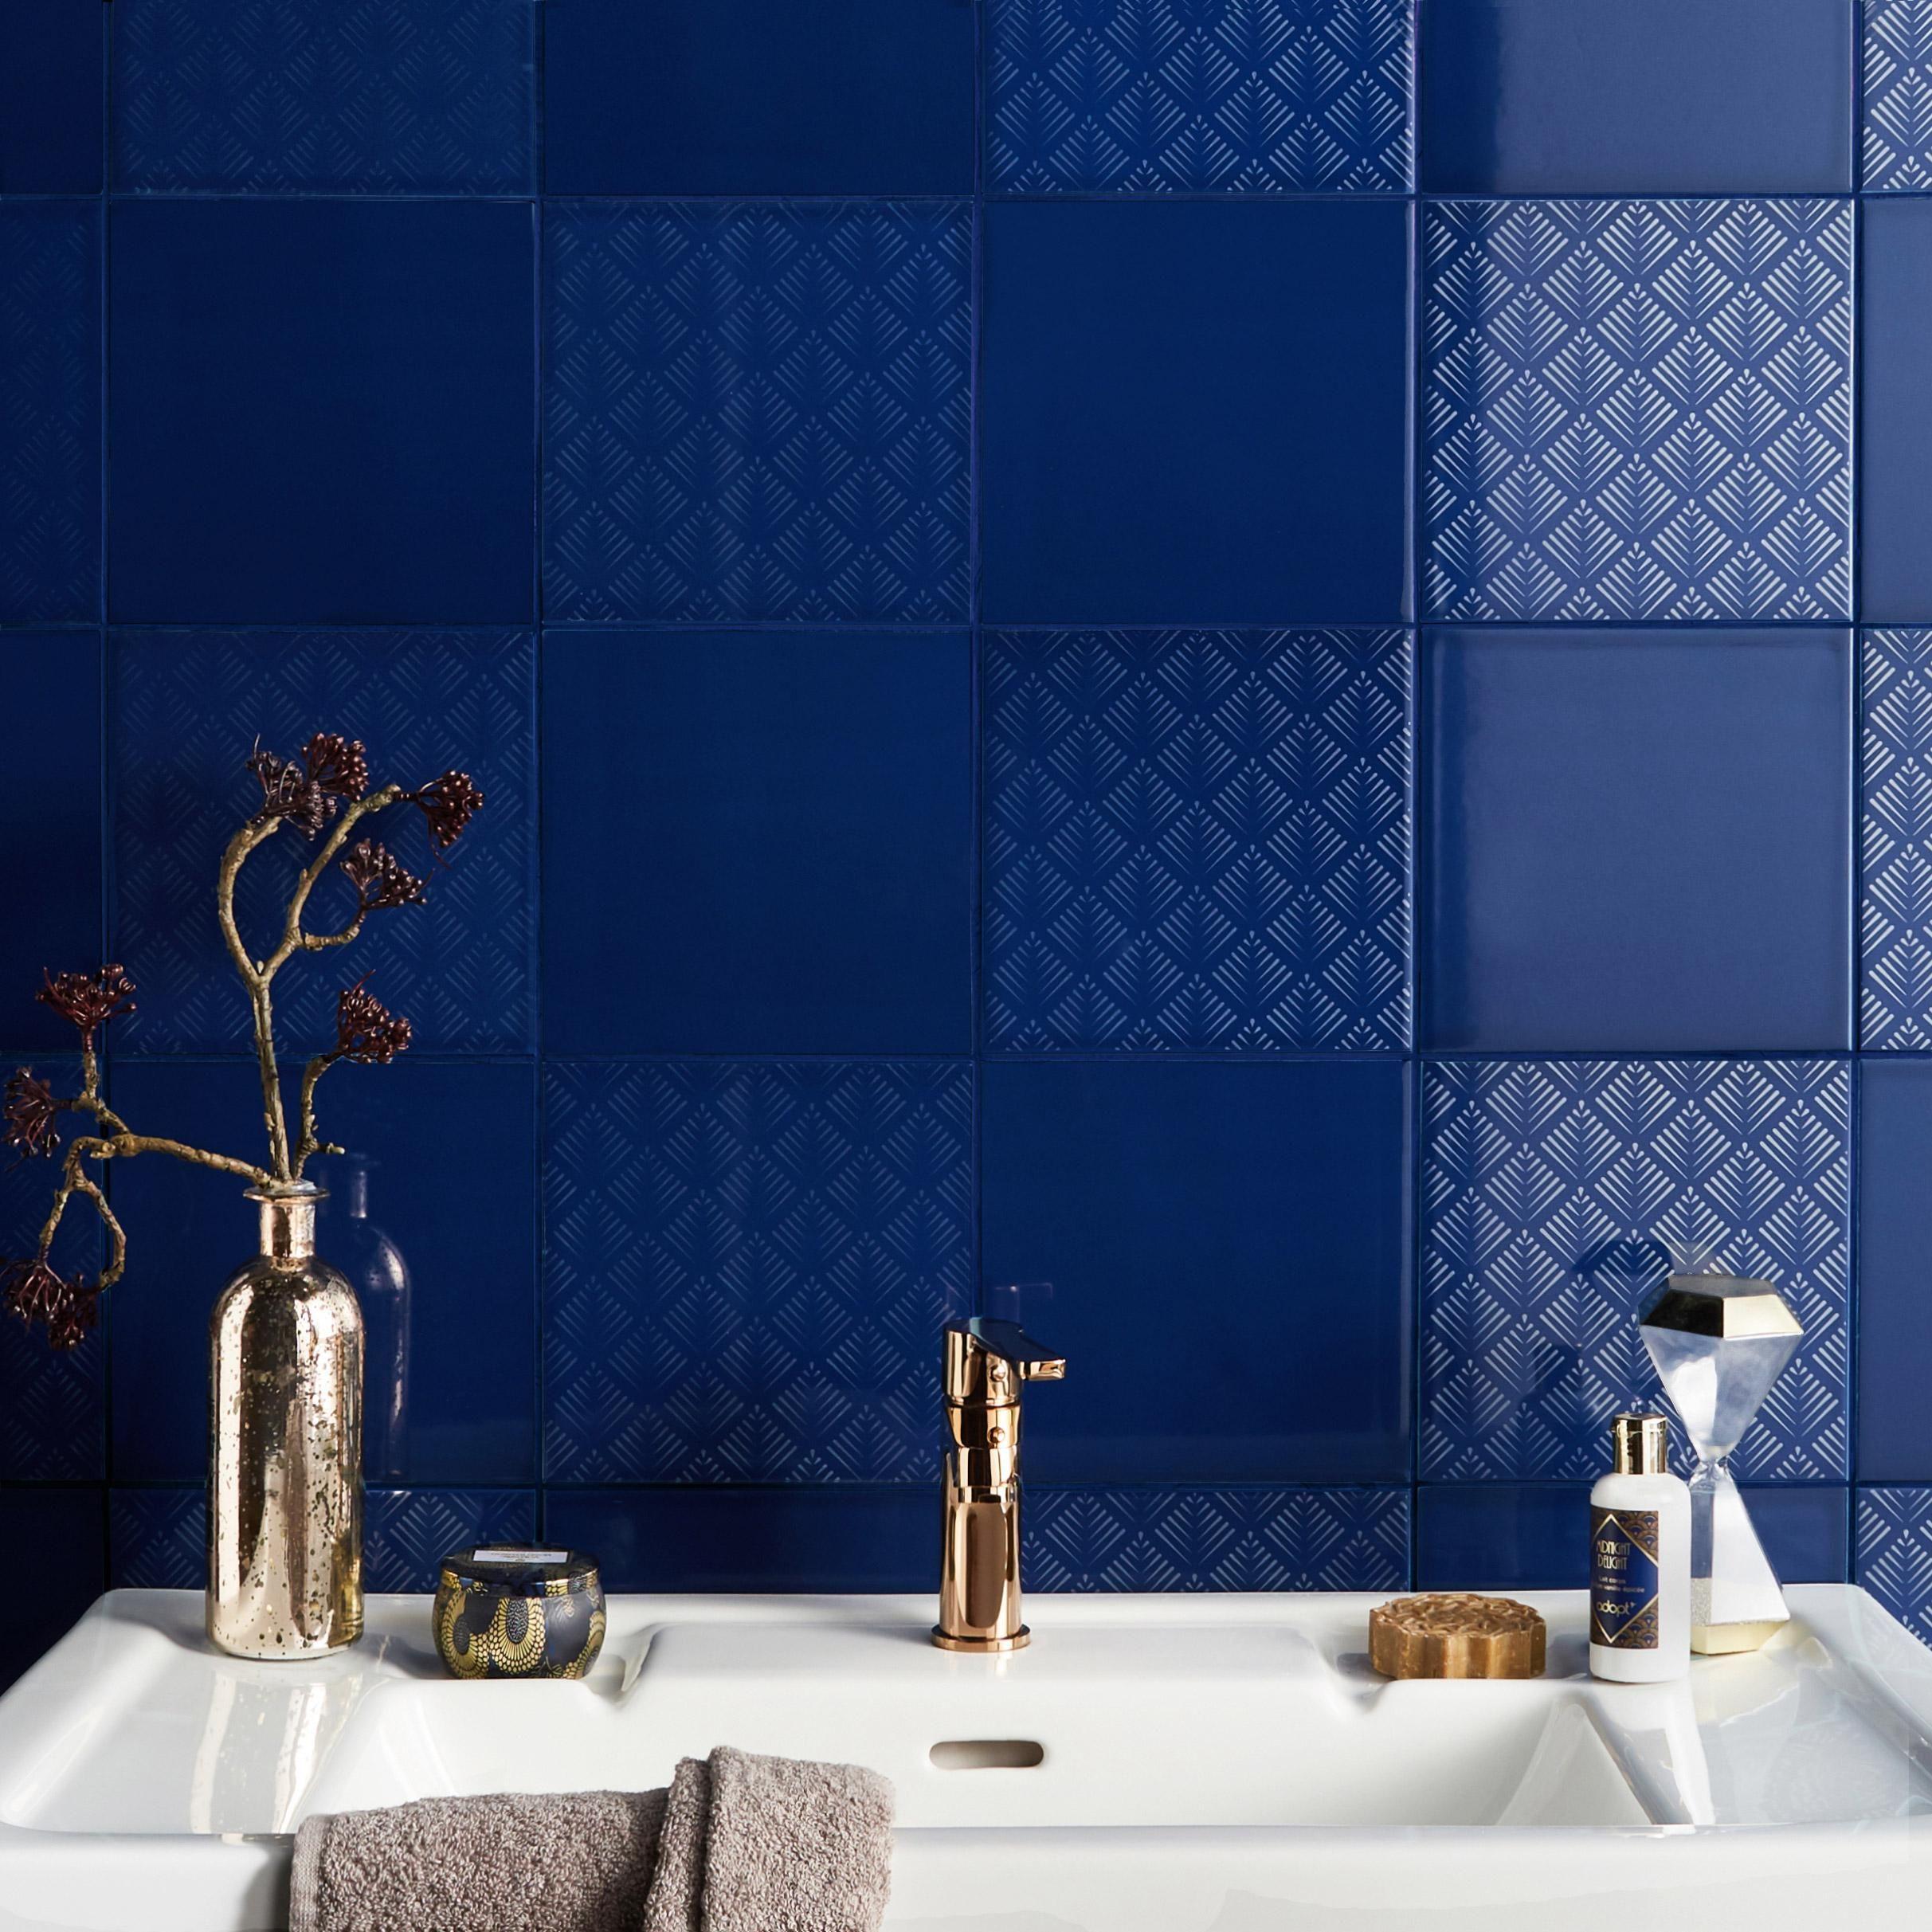 Decor Mur Forte Bleu Nuit Brillant L 19 7 X L 19 7 Cm Astuce